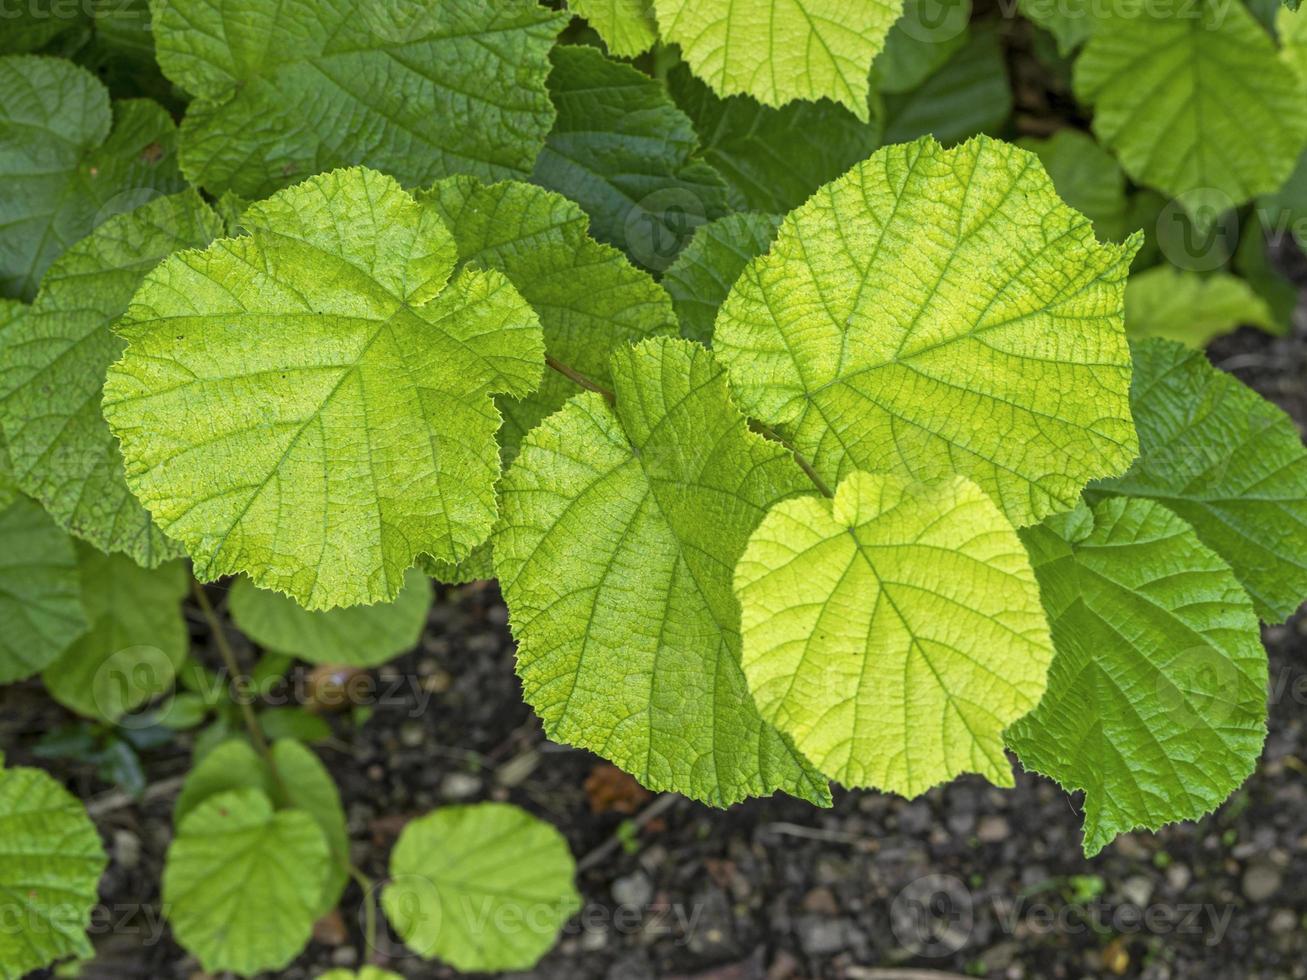 hojas de avellano común con hermosos colores y texturas foto